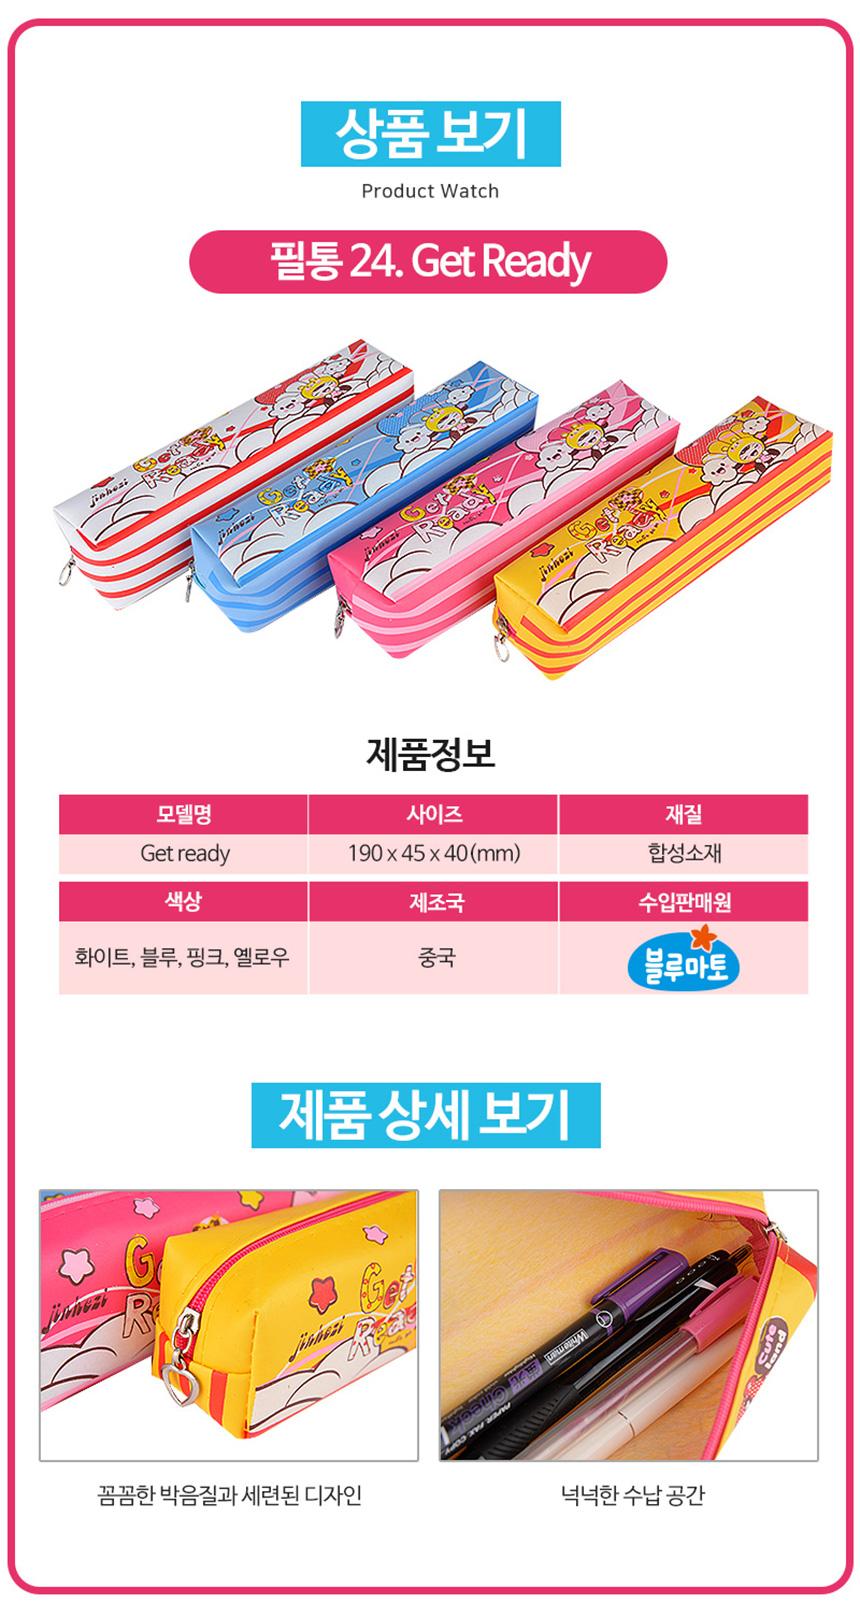 필통24 Get Ready - 블루마토, 2,200원, 가죽/합성피혁필통, 캐릭터